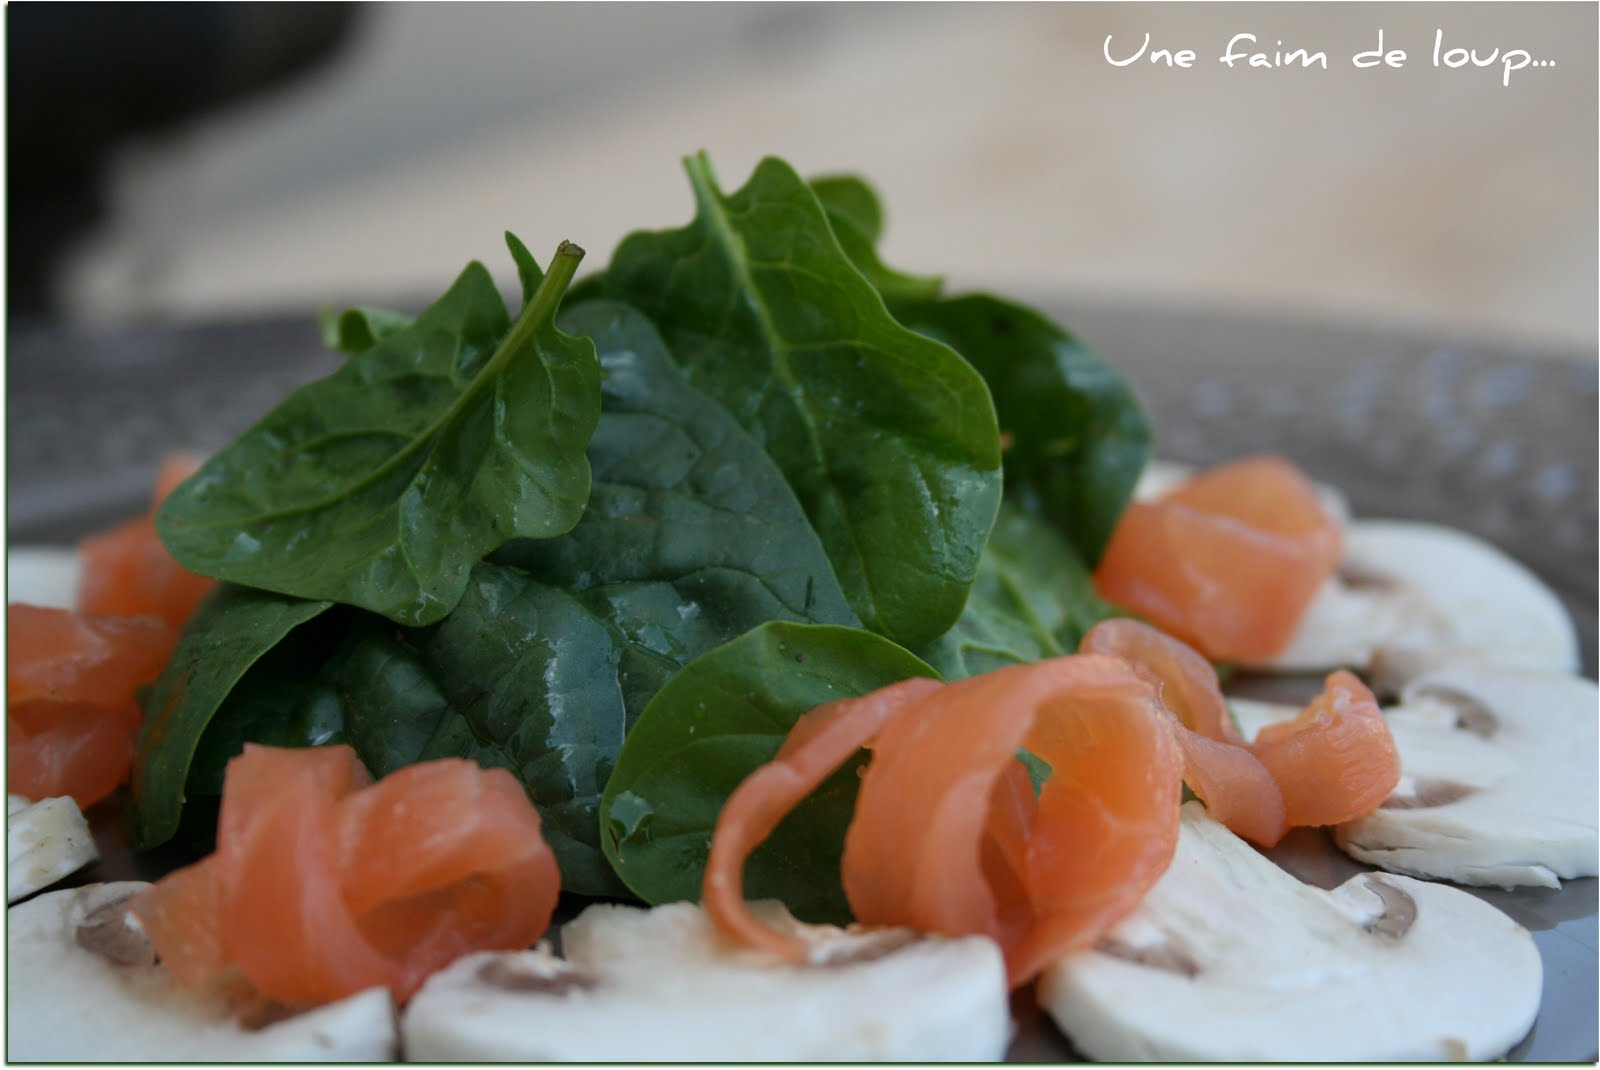 Une faim de loup salade jeunes pousses d 39 pinards saumon for Entree vite faite simple